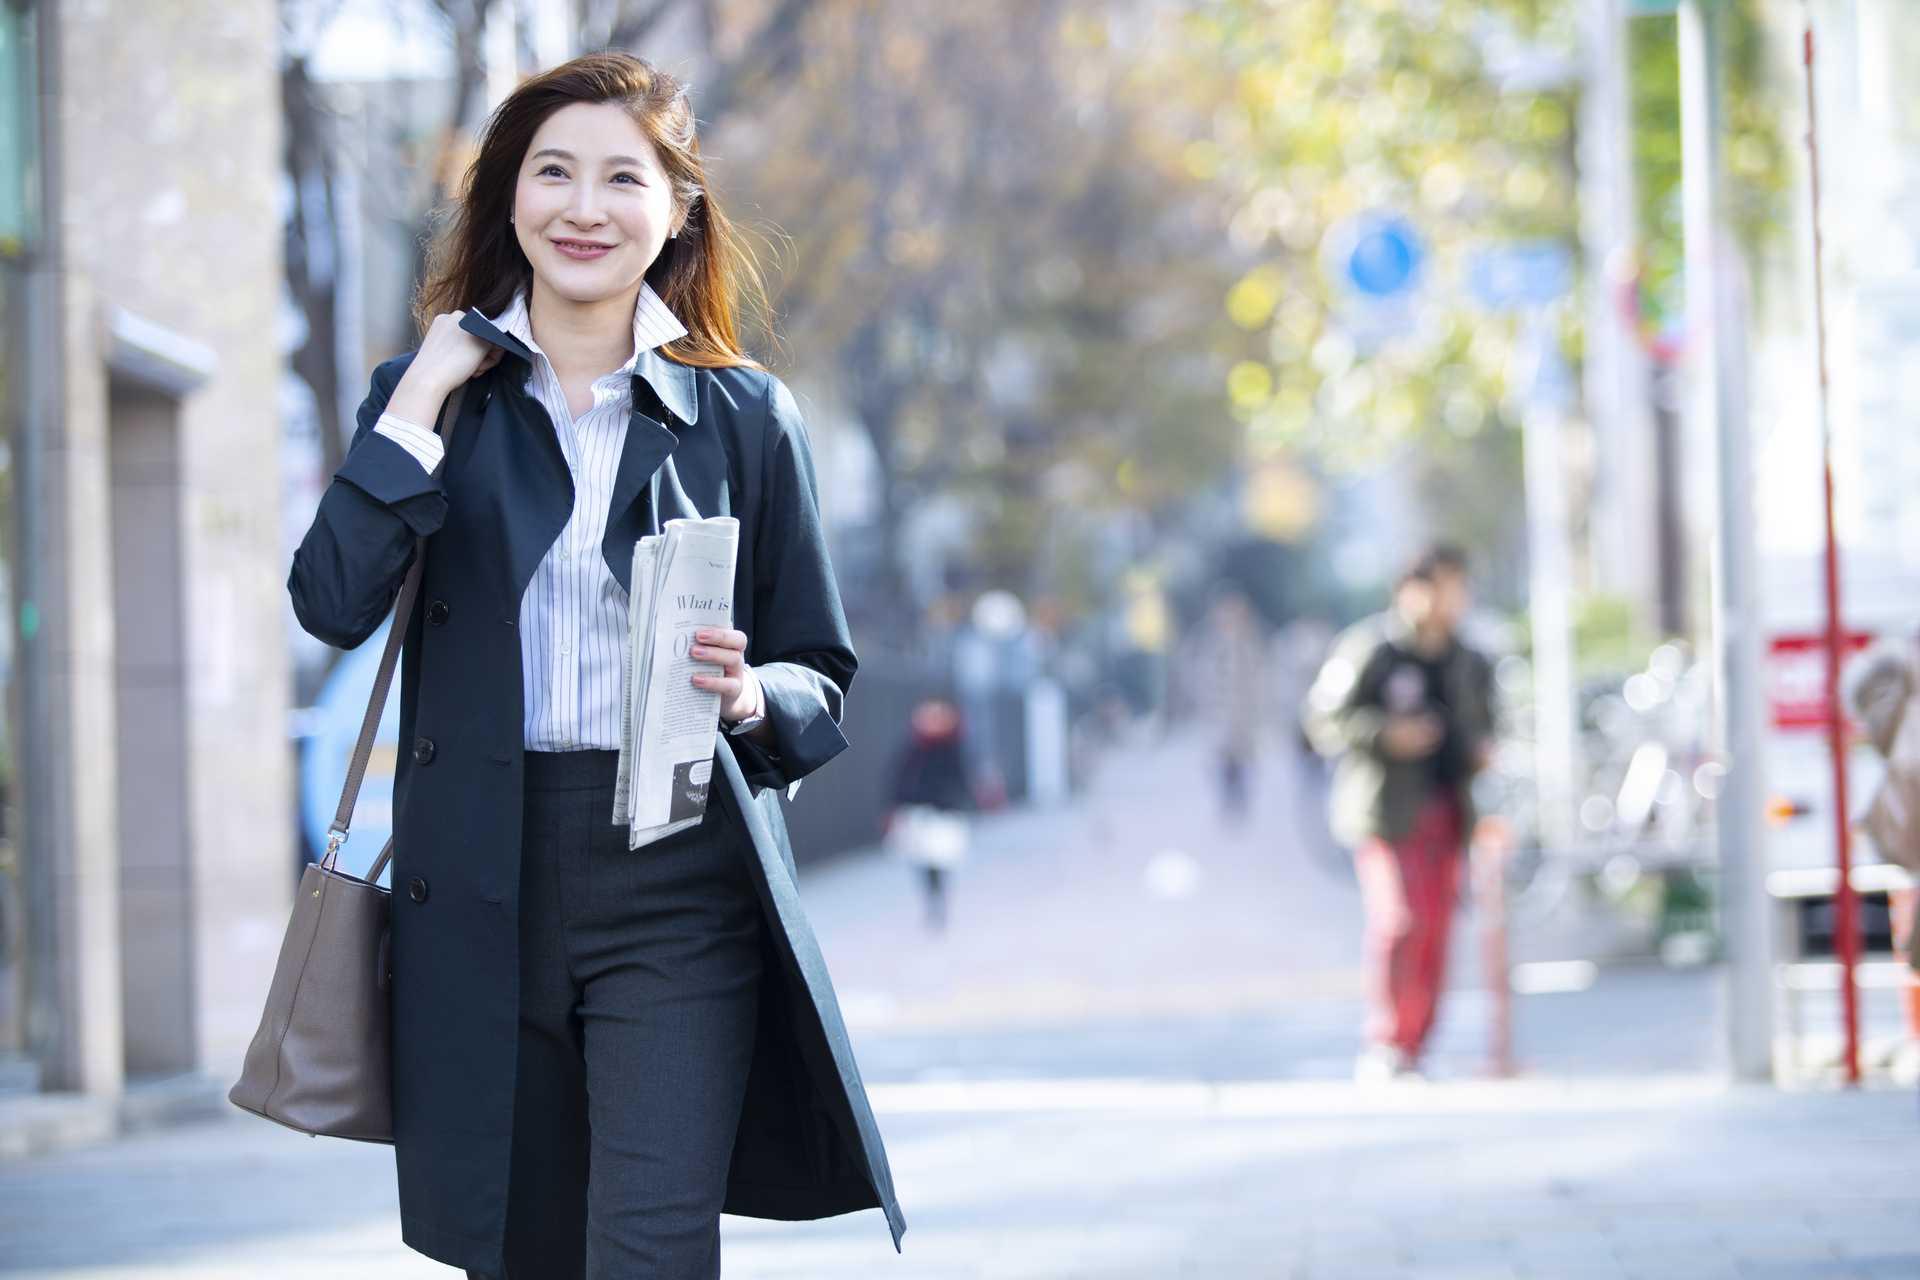 大変なのは最初だけ。歩くにつれて、楽になる。 | 早朝の散歩習慣のすすめ